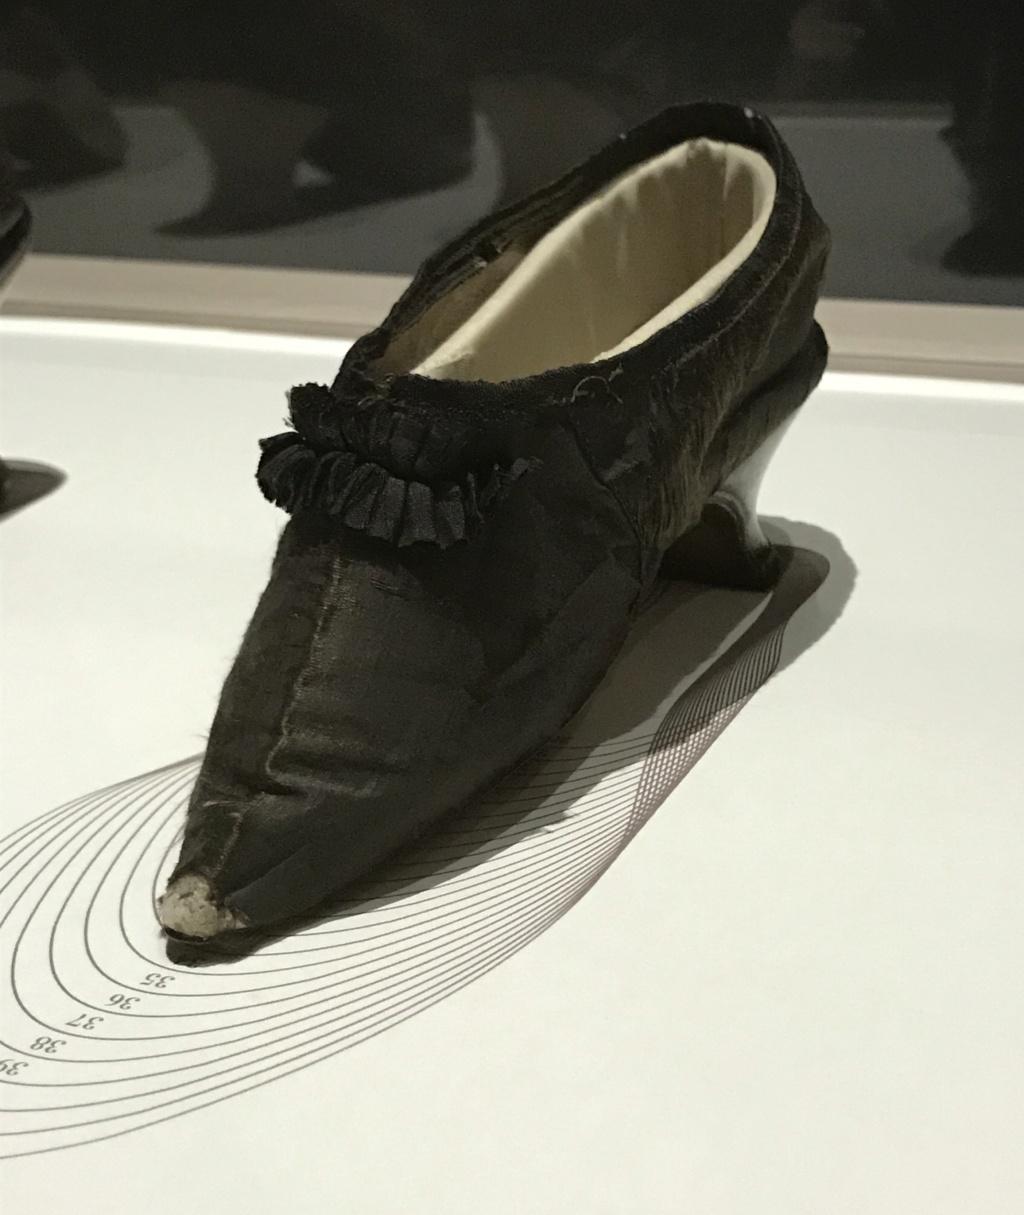 MAD : Expo Marche et démarche, une histoire de la chaussure D8173c10